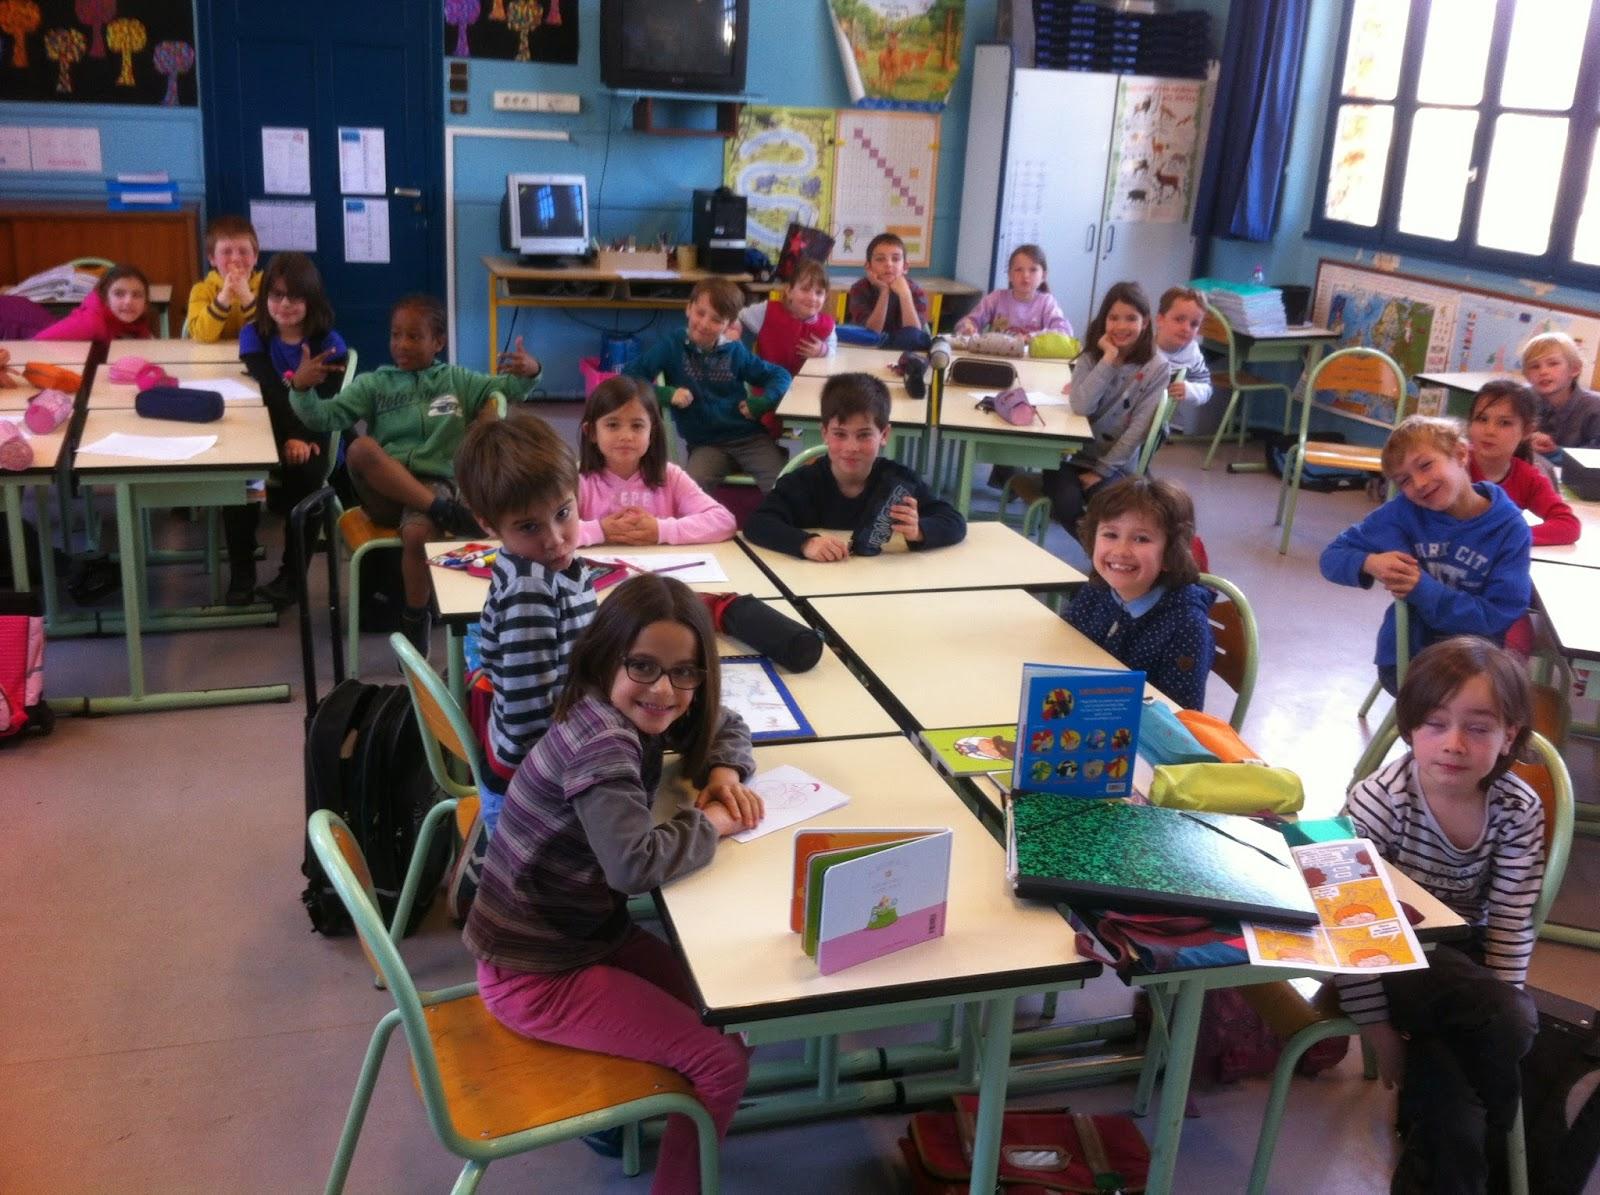 Trois jours de rencontres, près de chez moi, dans plusieurs écoles à Saint- Rémy, Magny les Hameaux et Le Mesnil St Denis, autour de mon album L'Oeil du.